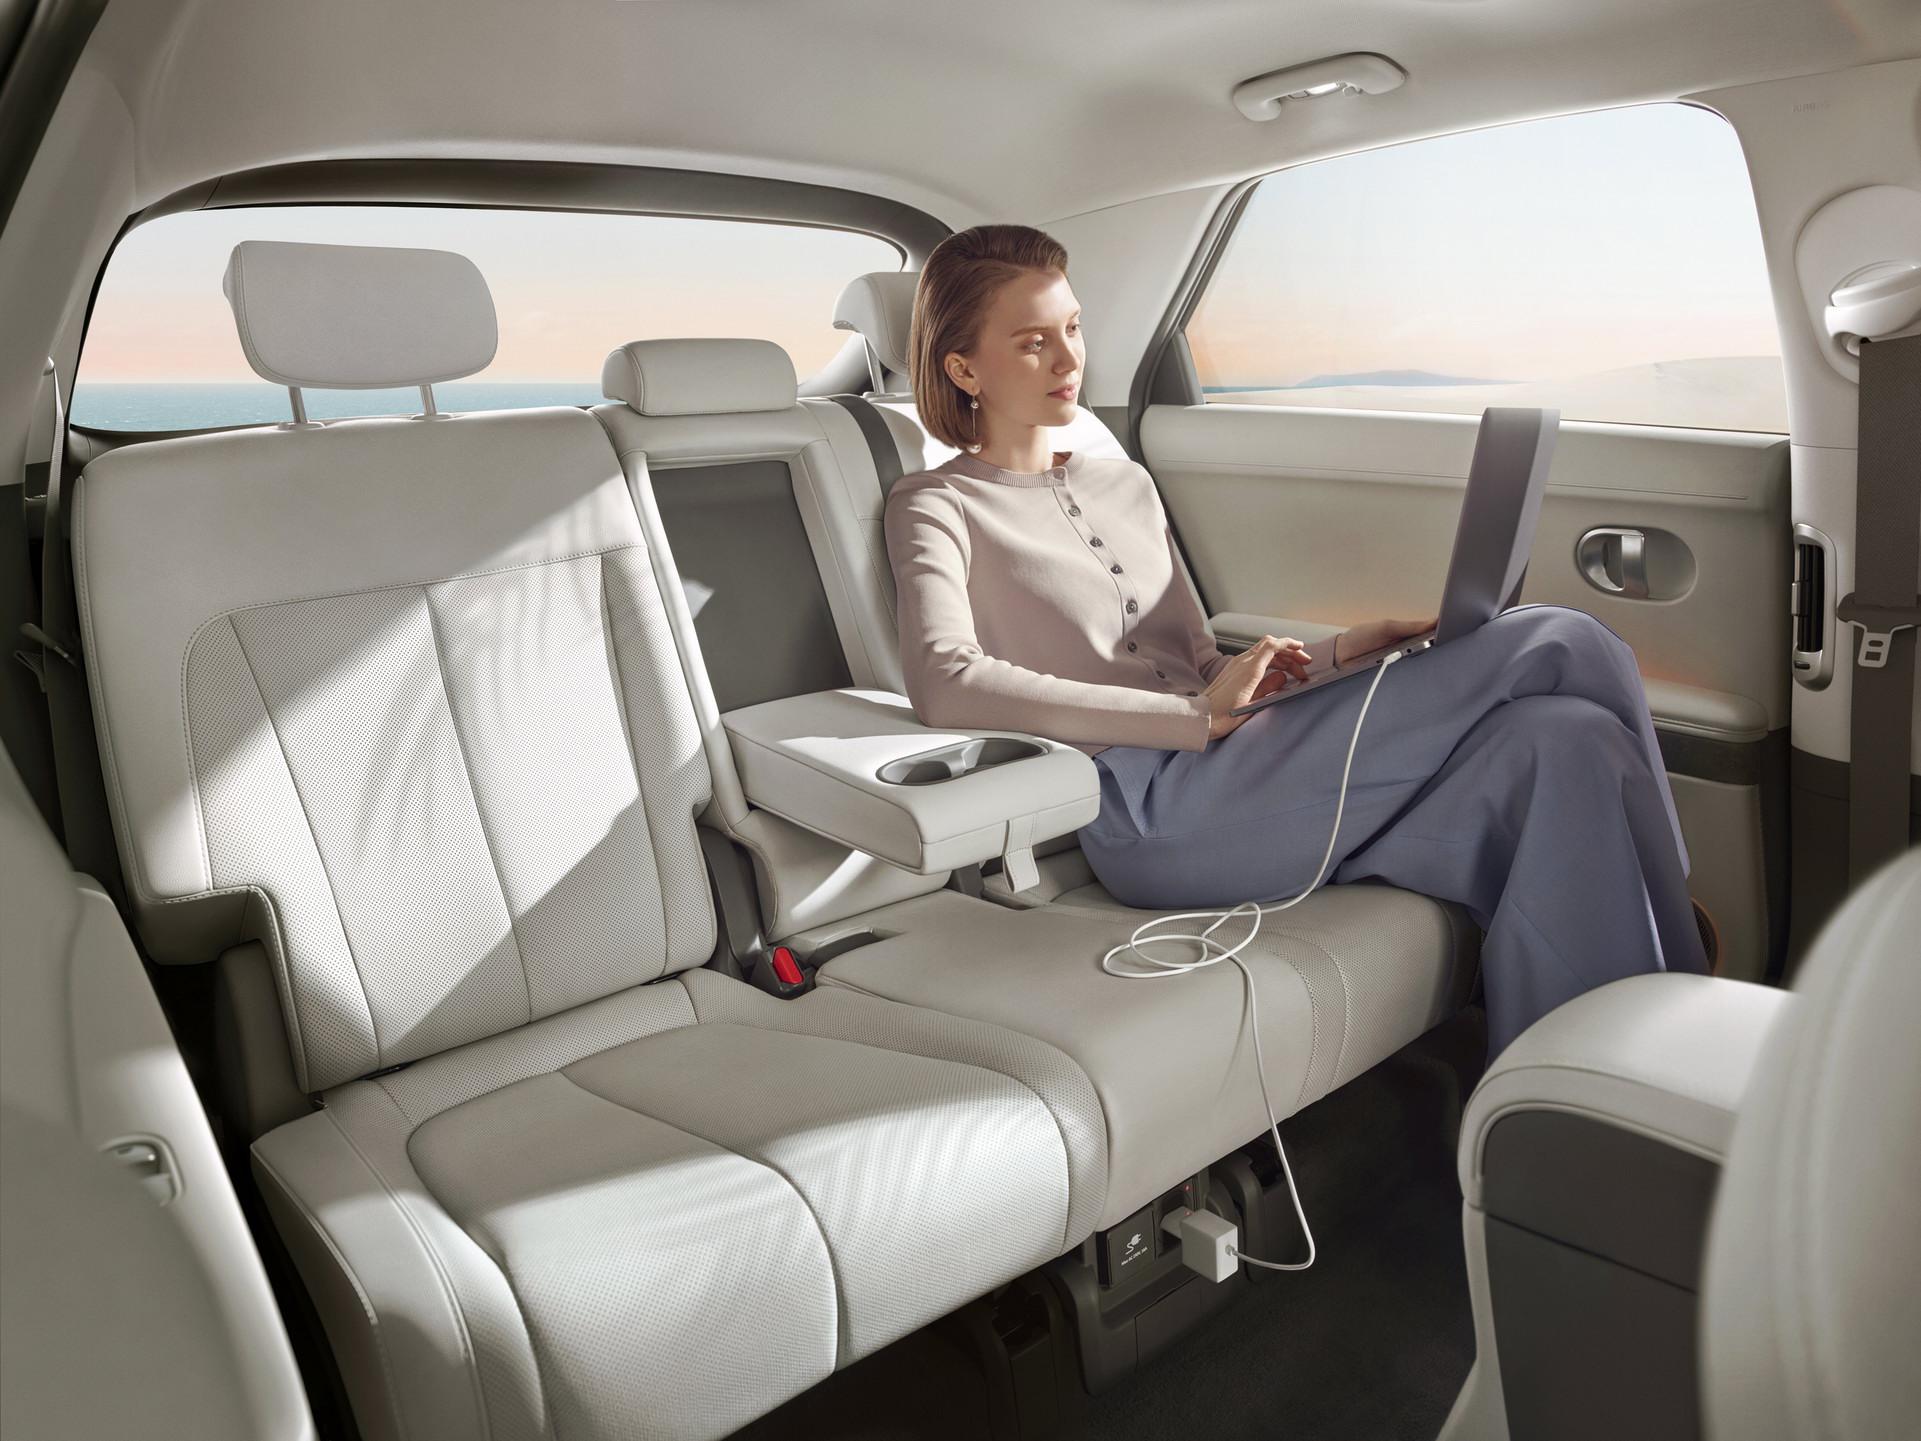 Xe điện hyundai Ioniq 5 2022 chốt giá từ 45.000 USD Hyundai Ioniq 5 2022 ra mắt với khả năng sạc cực nhanh hyundai-ioniq-5-28.jpg